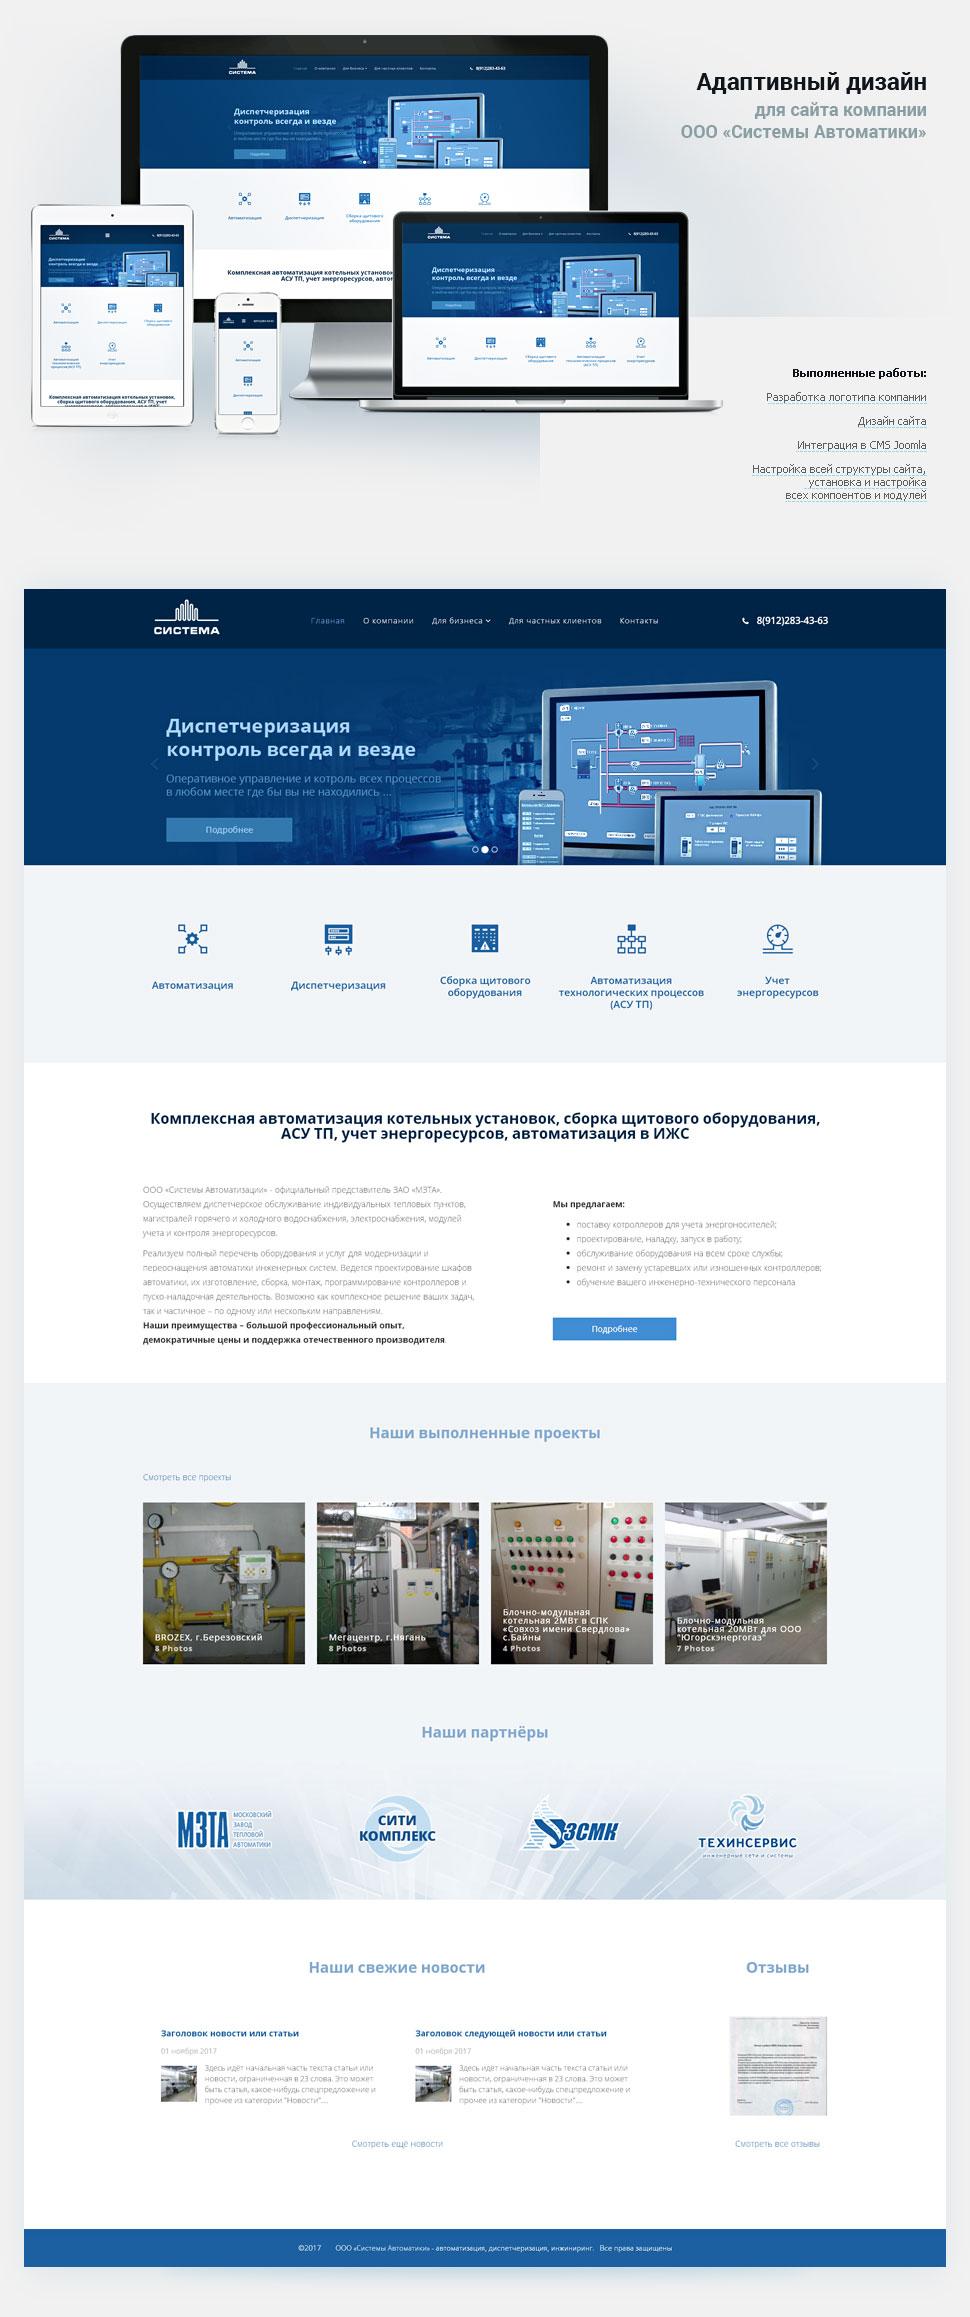 Дизайн сайта: Компания ООО «Системы Автоматики». Автор: di56.ru - дизайнер Дмитрий Ковалёв.